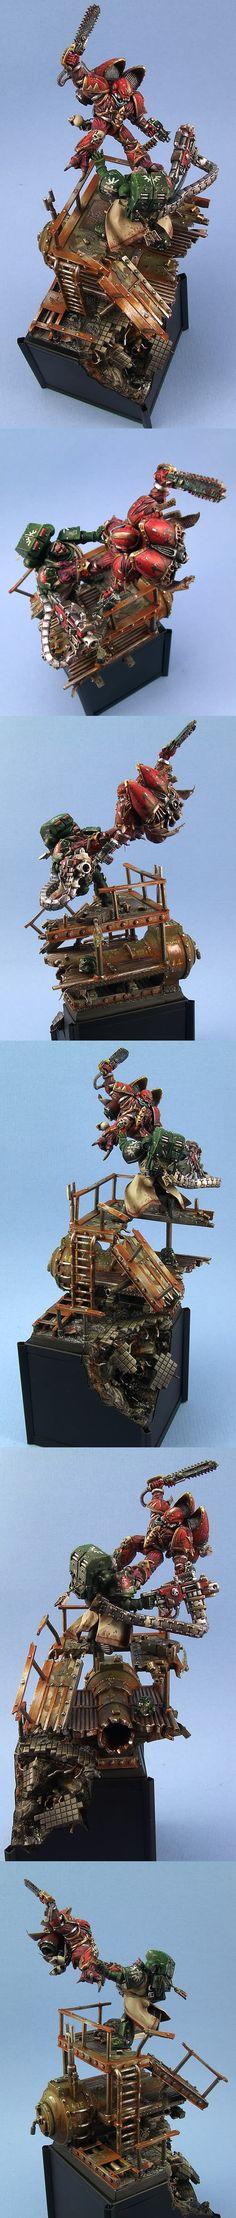 Warhammer 40k, Space Marines vs. Chaos Space Marines. Chaos Raptor against Loyalist Dark Angels Devastator